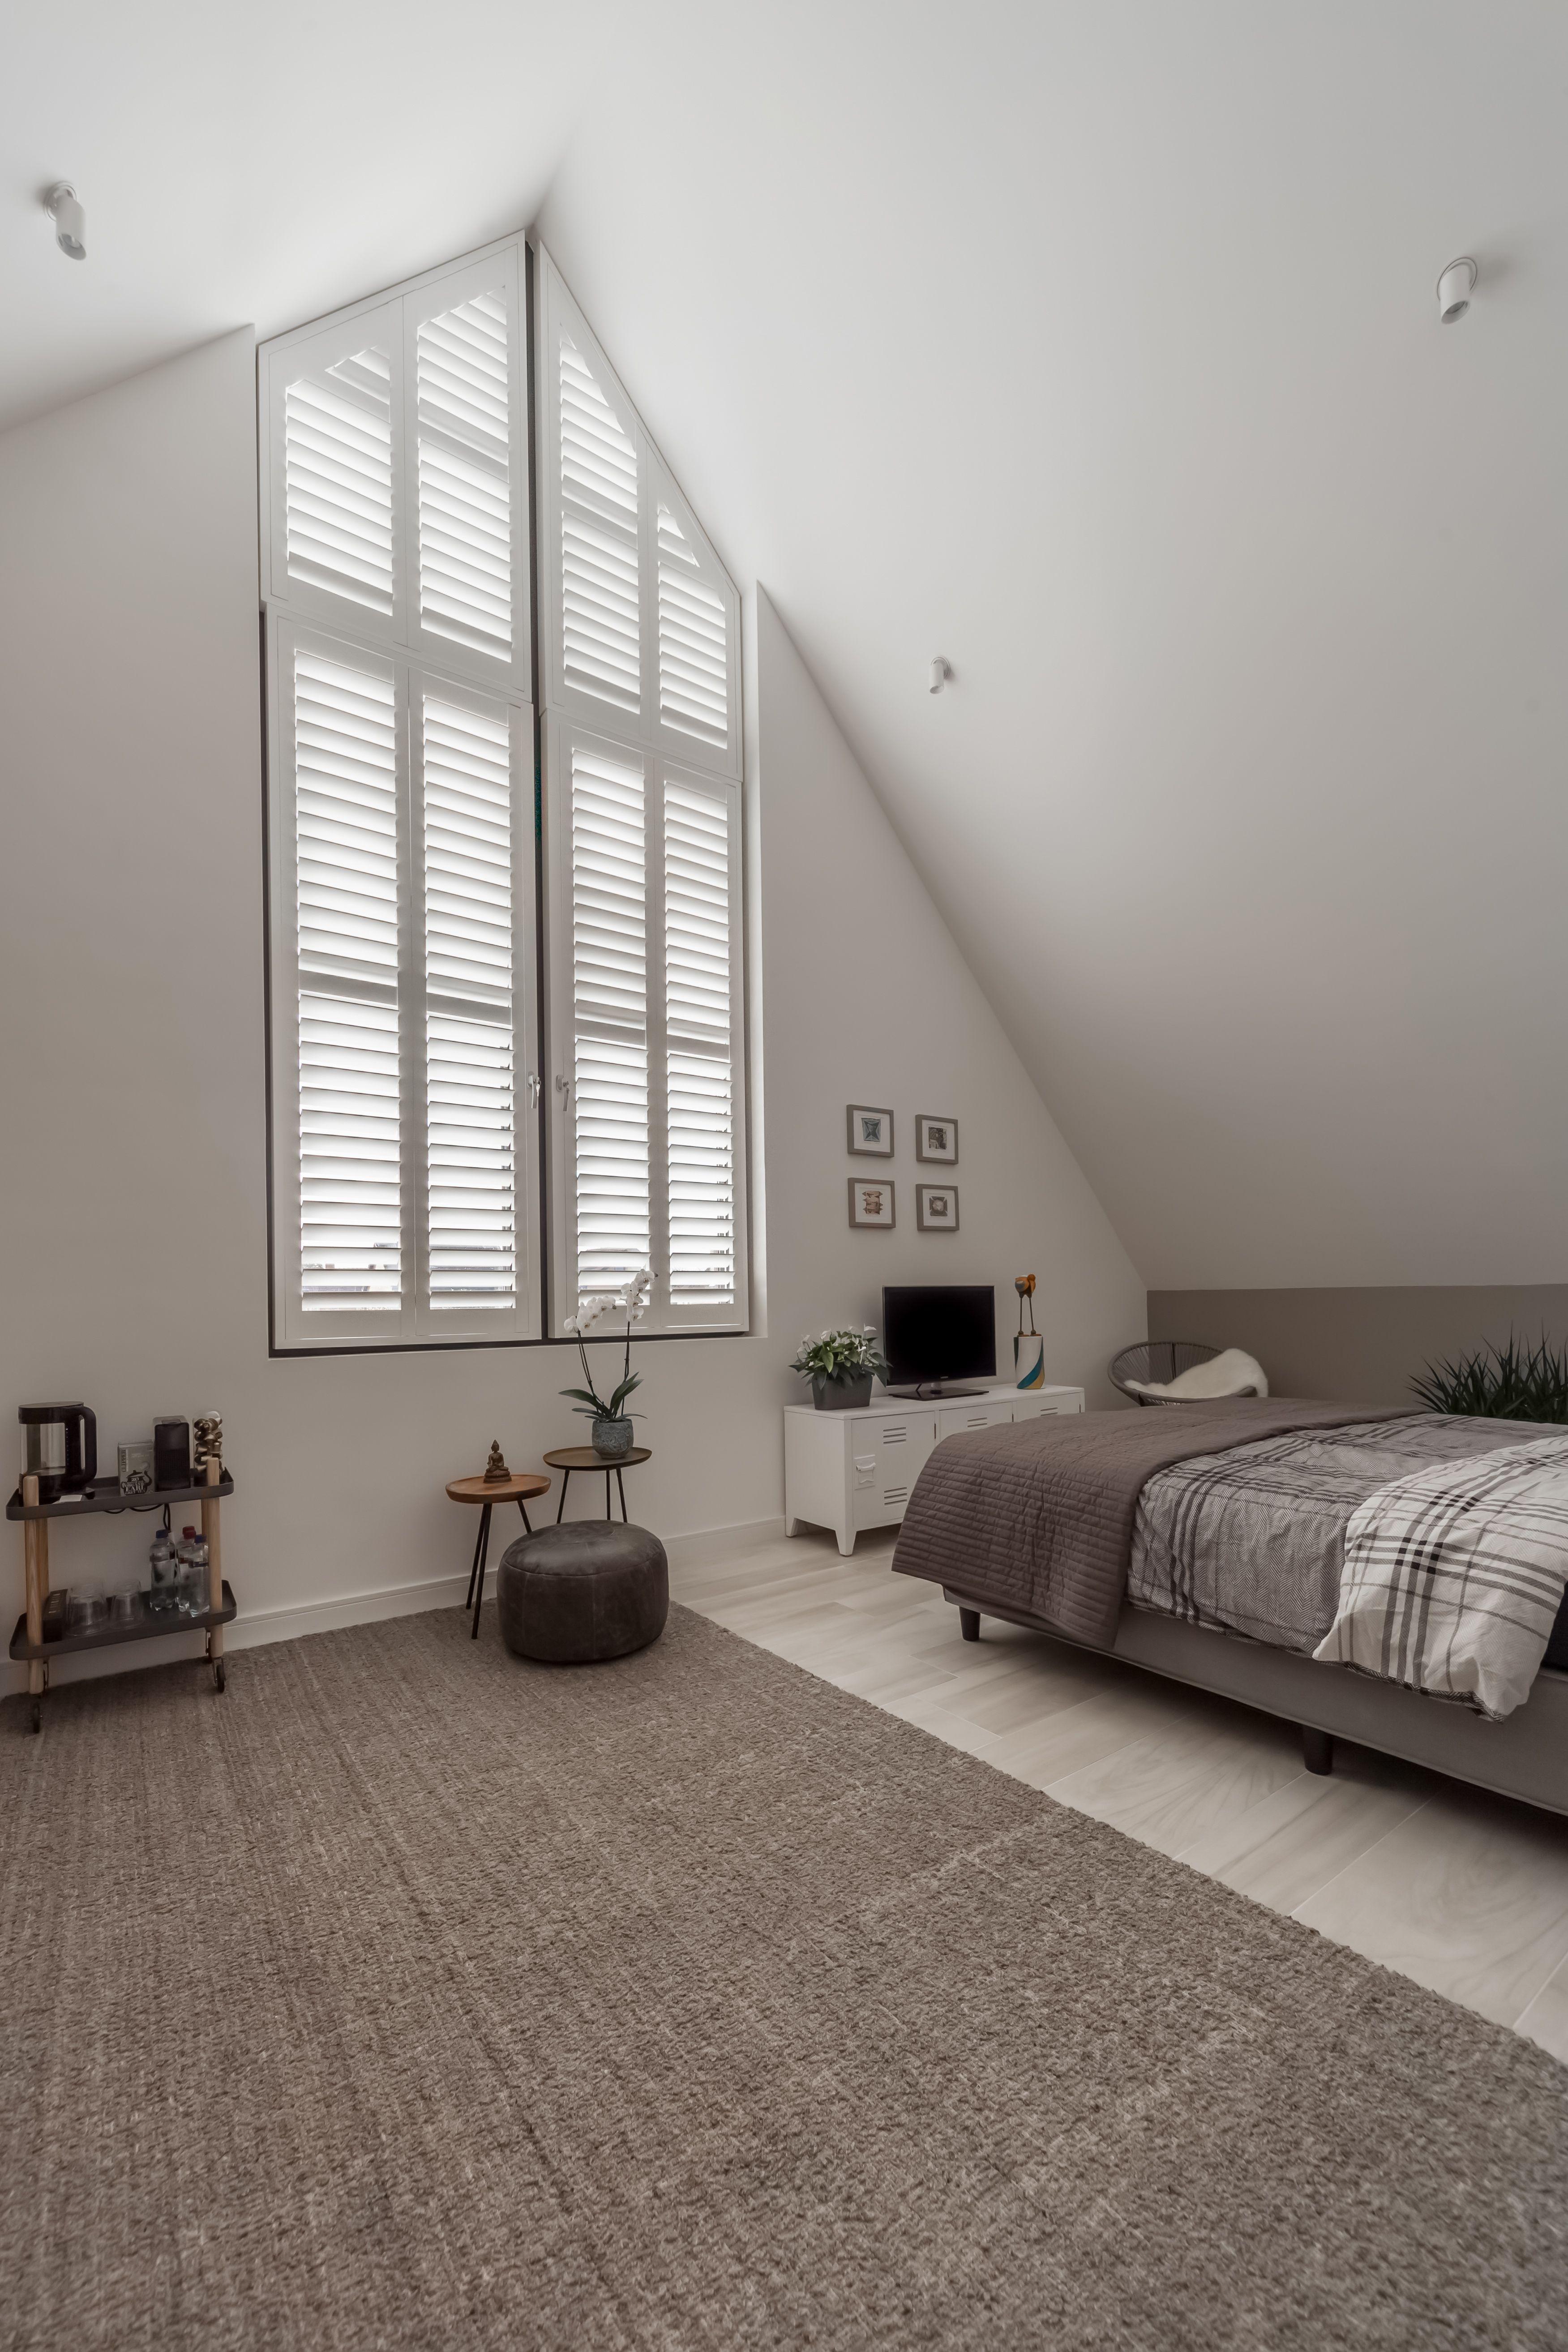 Schitterend hoog driehoekig raam met witte shutters in de slaapkamer ...